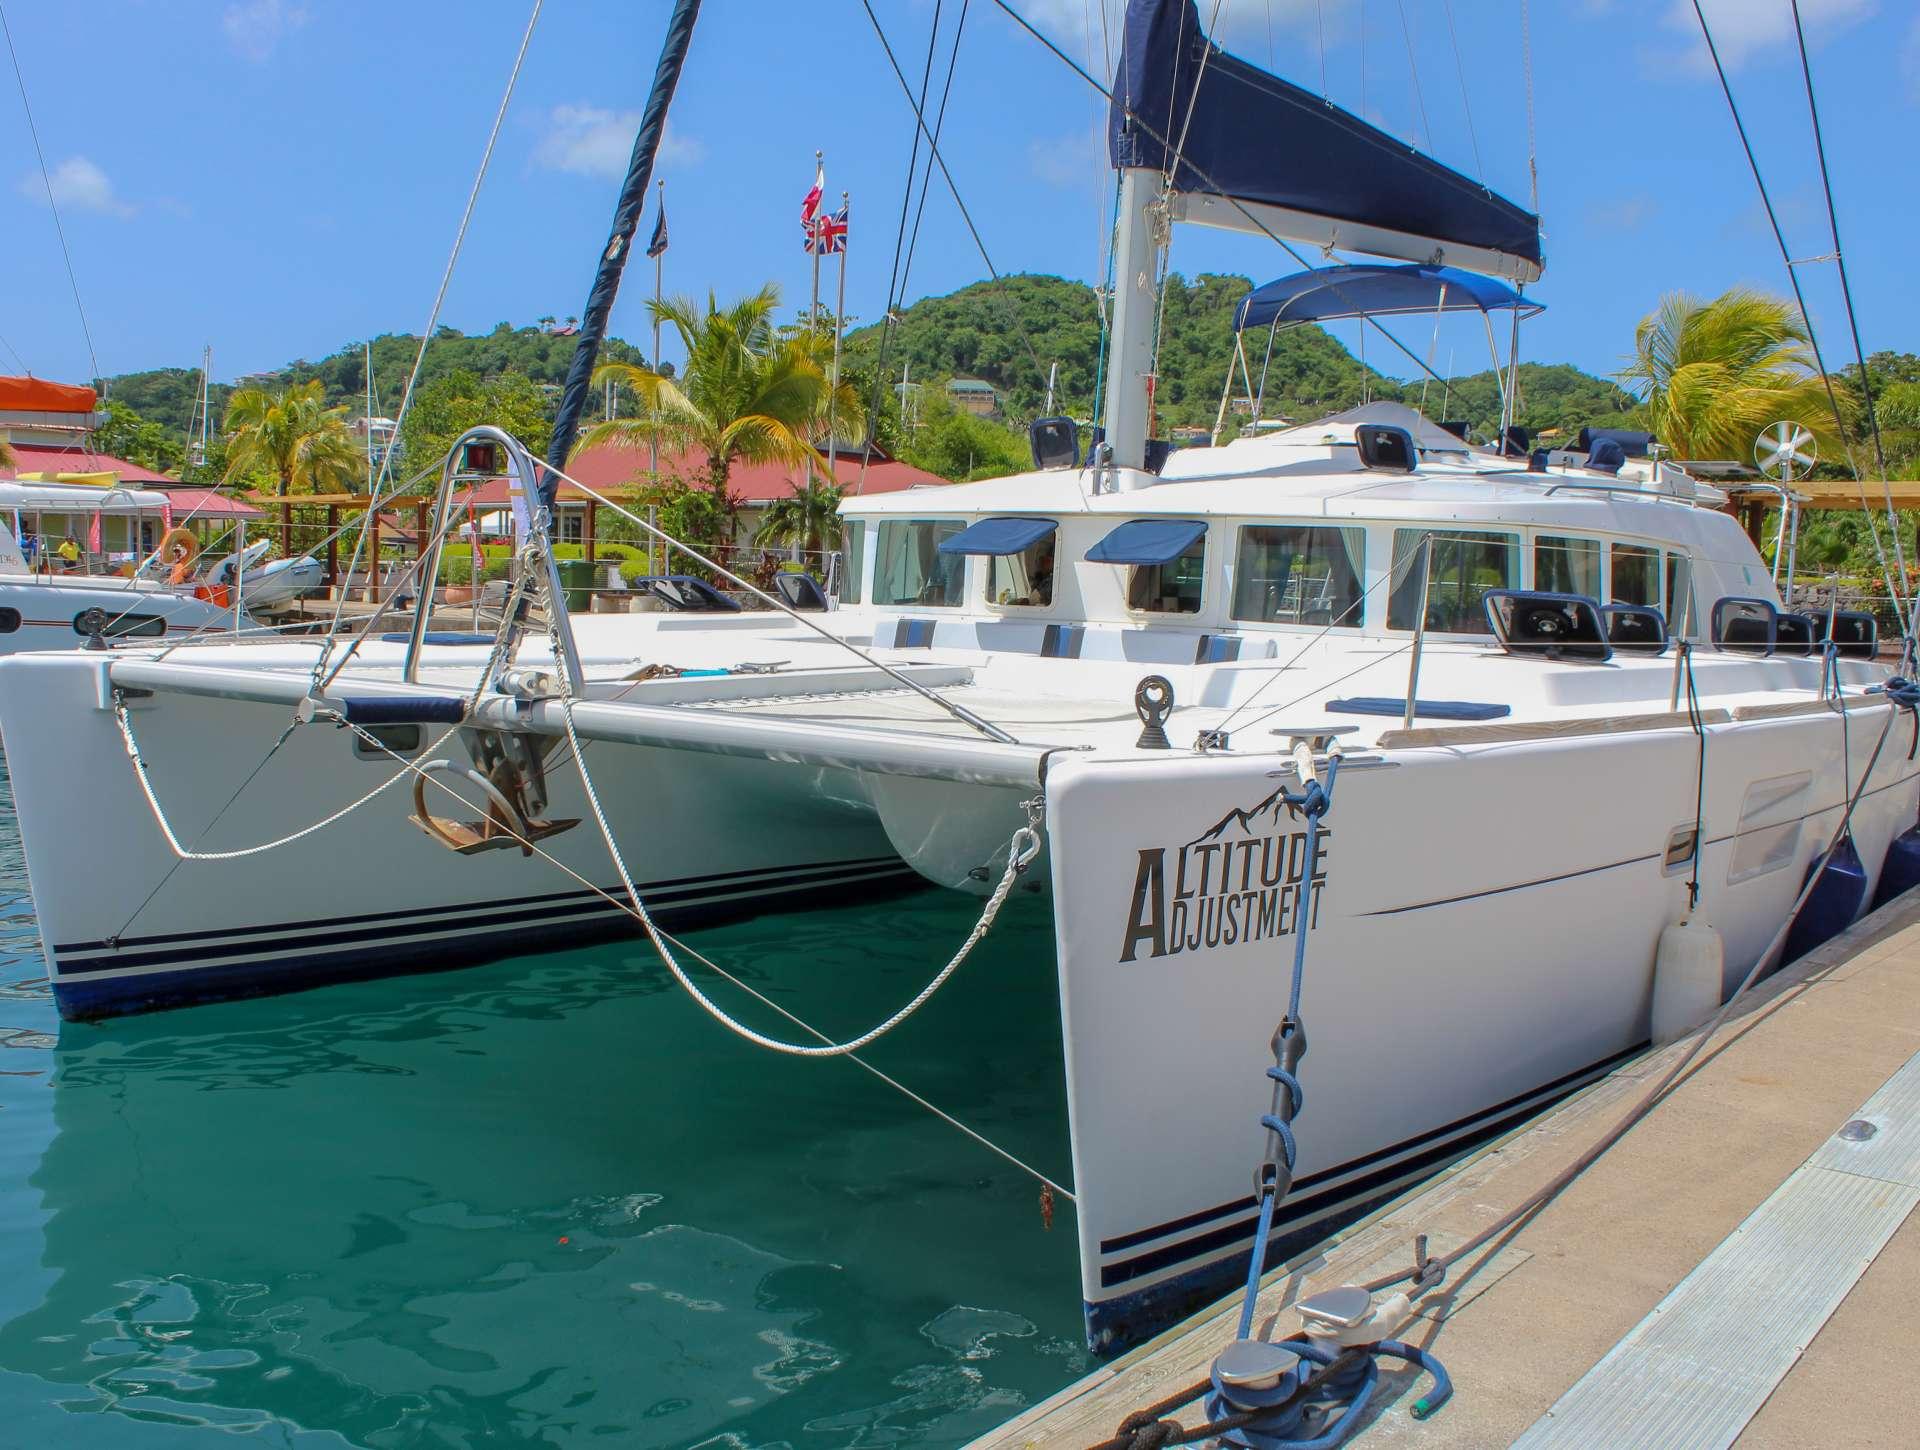 ALTITUDE ADJUSTMENT yacht image # 18